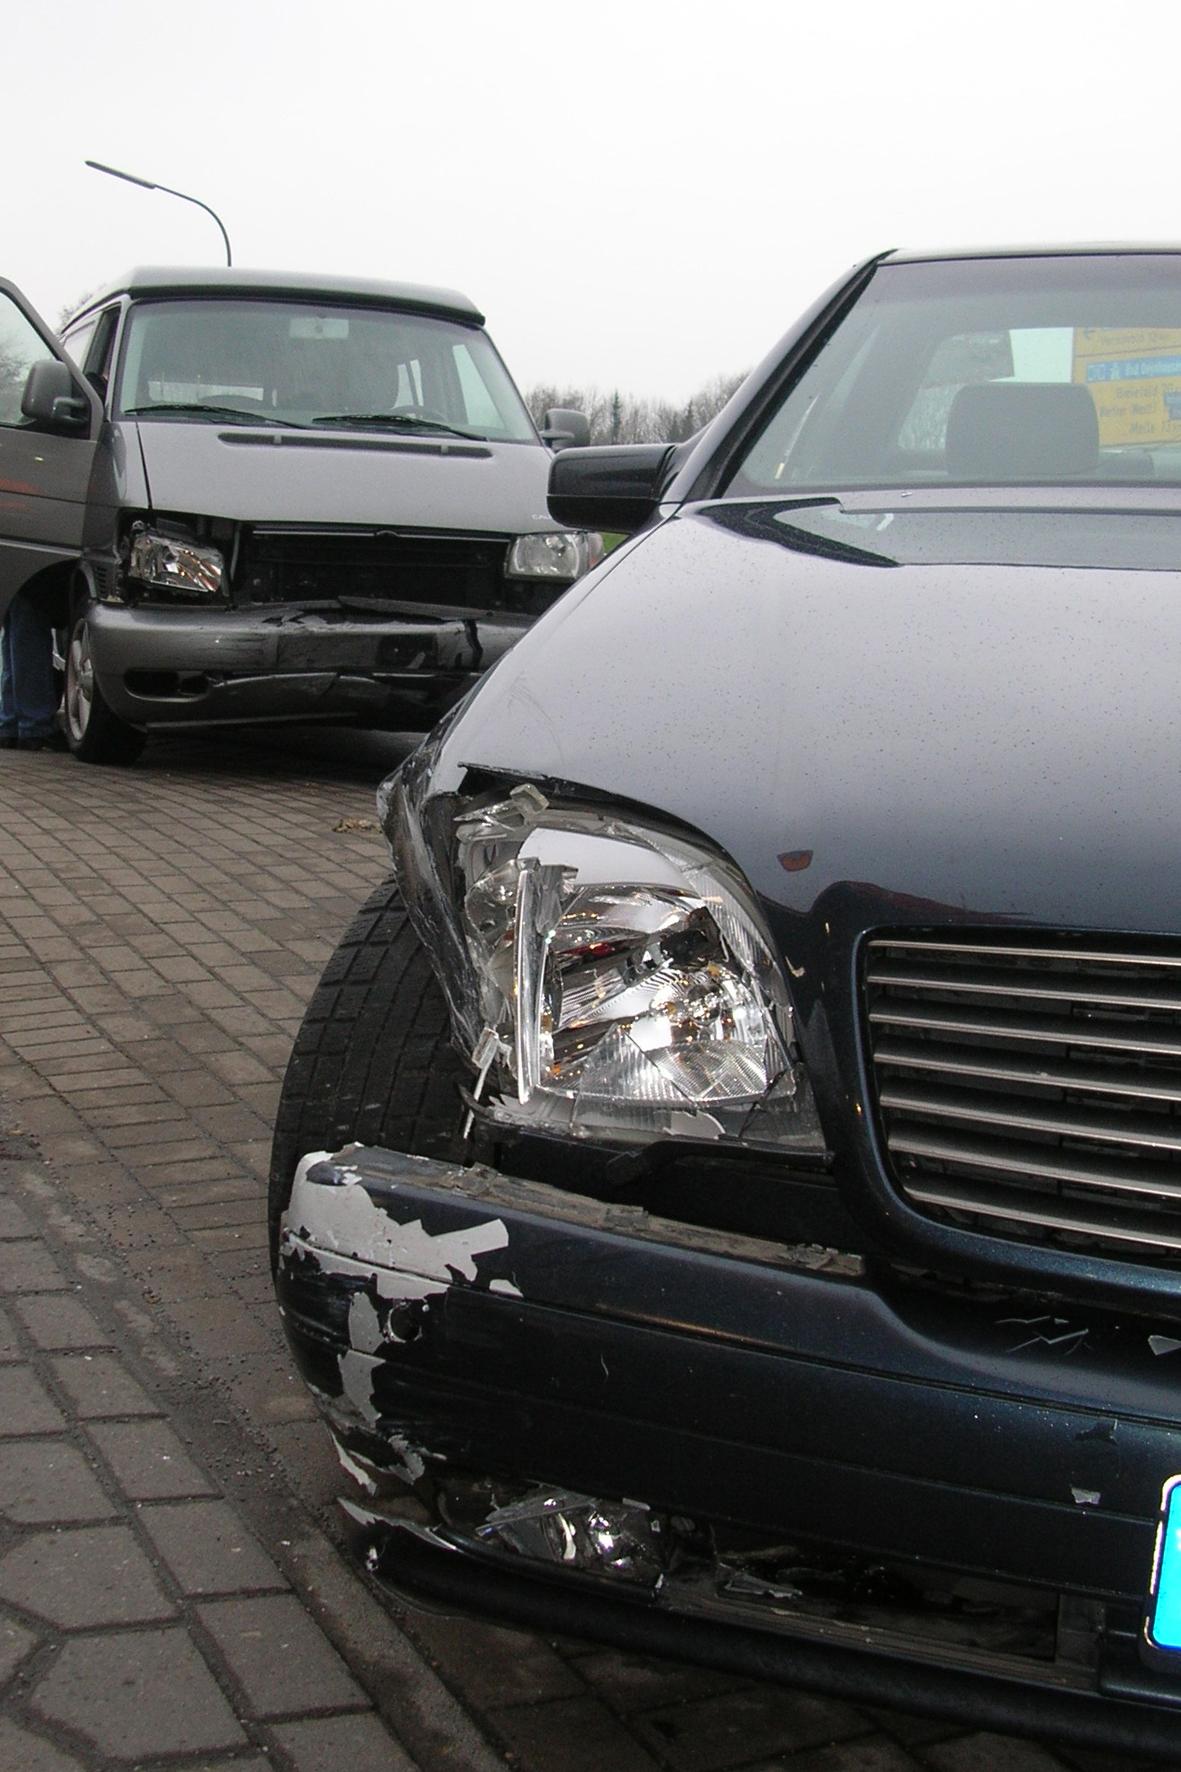 mid Groß-Gerau - Wenn's gekracht hat, vertraut knapp die Hälfte der Autofahrer auf die Markenwerkstatt.